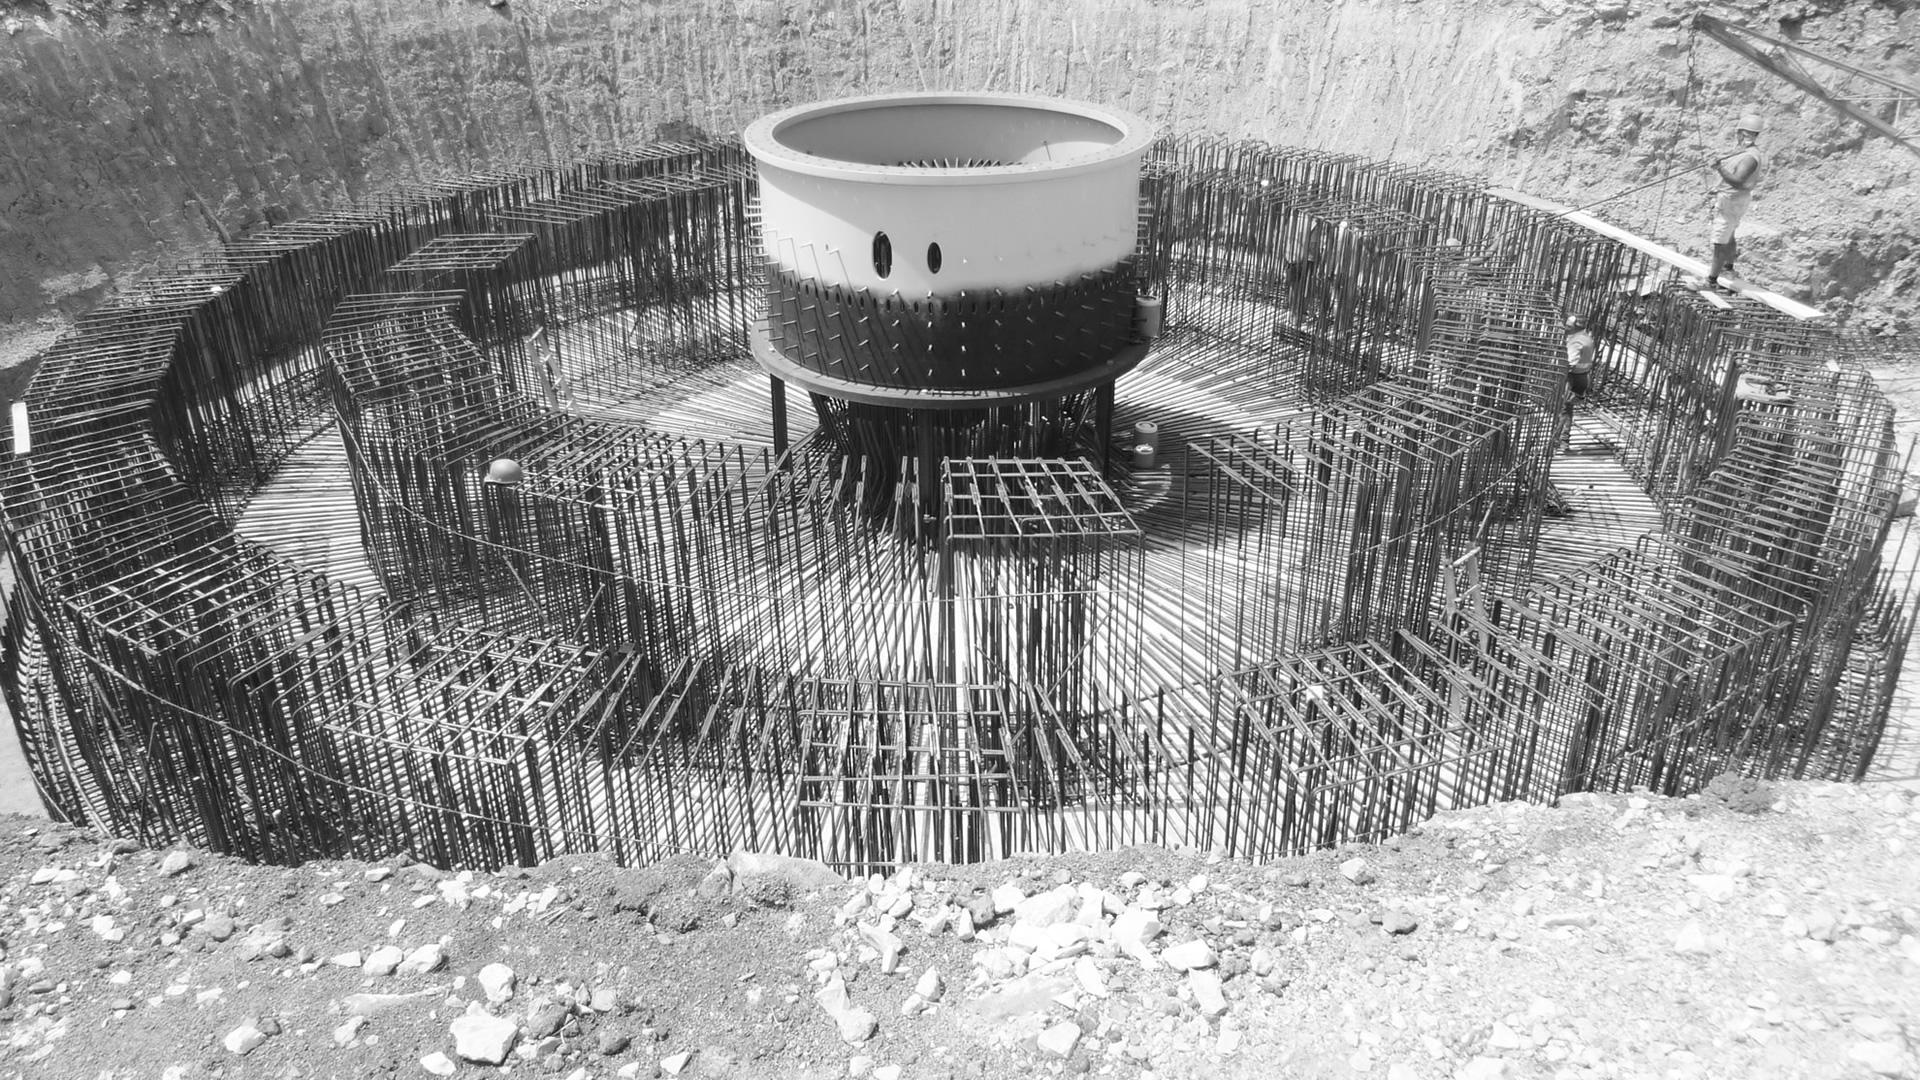 Progettazione Esecutiva Nuove Opere in Cemento Armato - Parco Eolico di LATERZA (TA) Italy